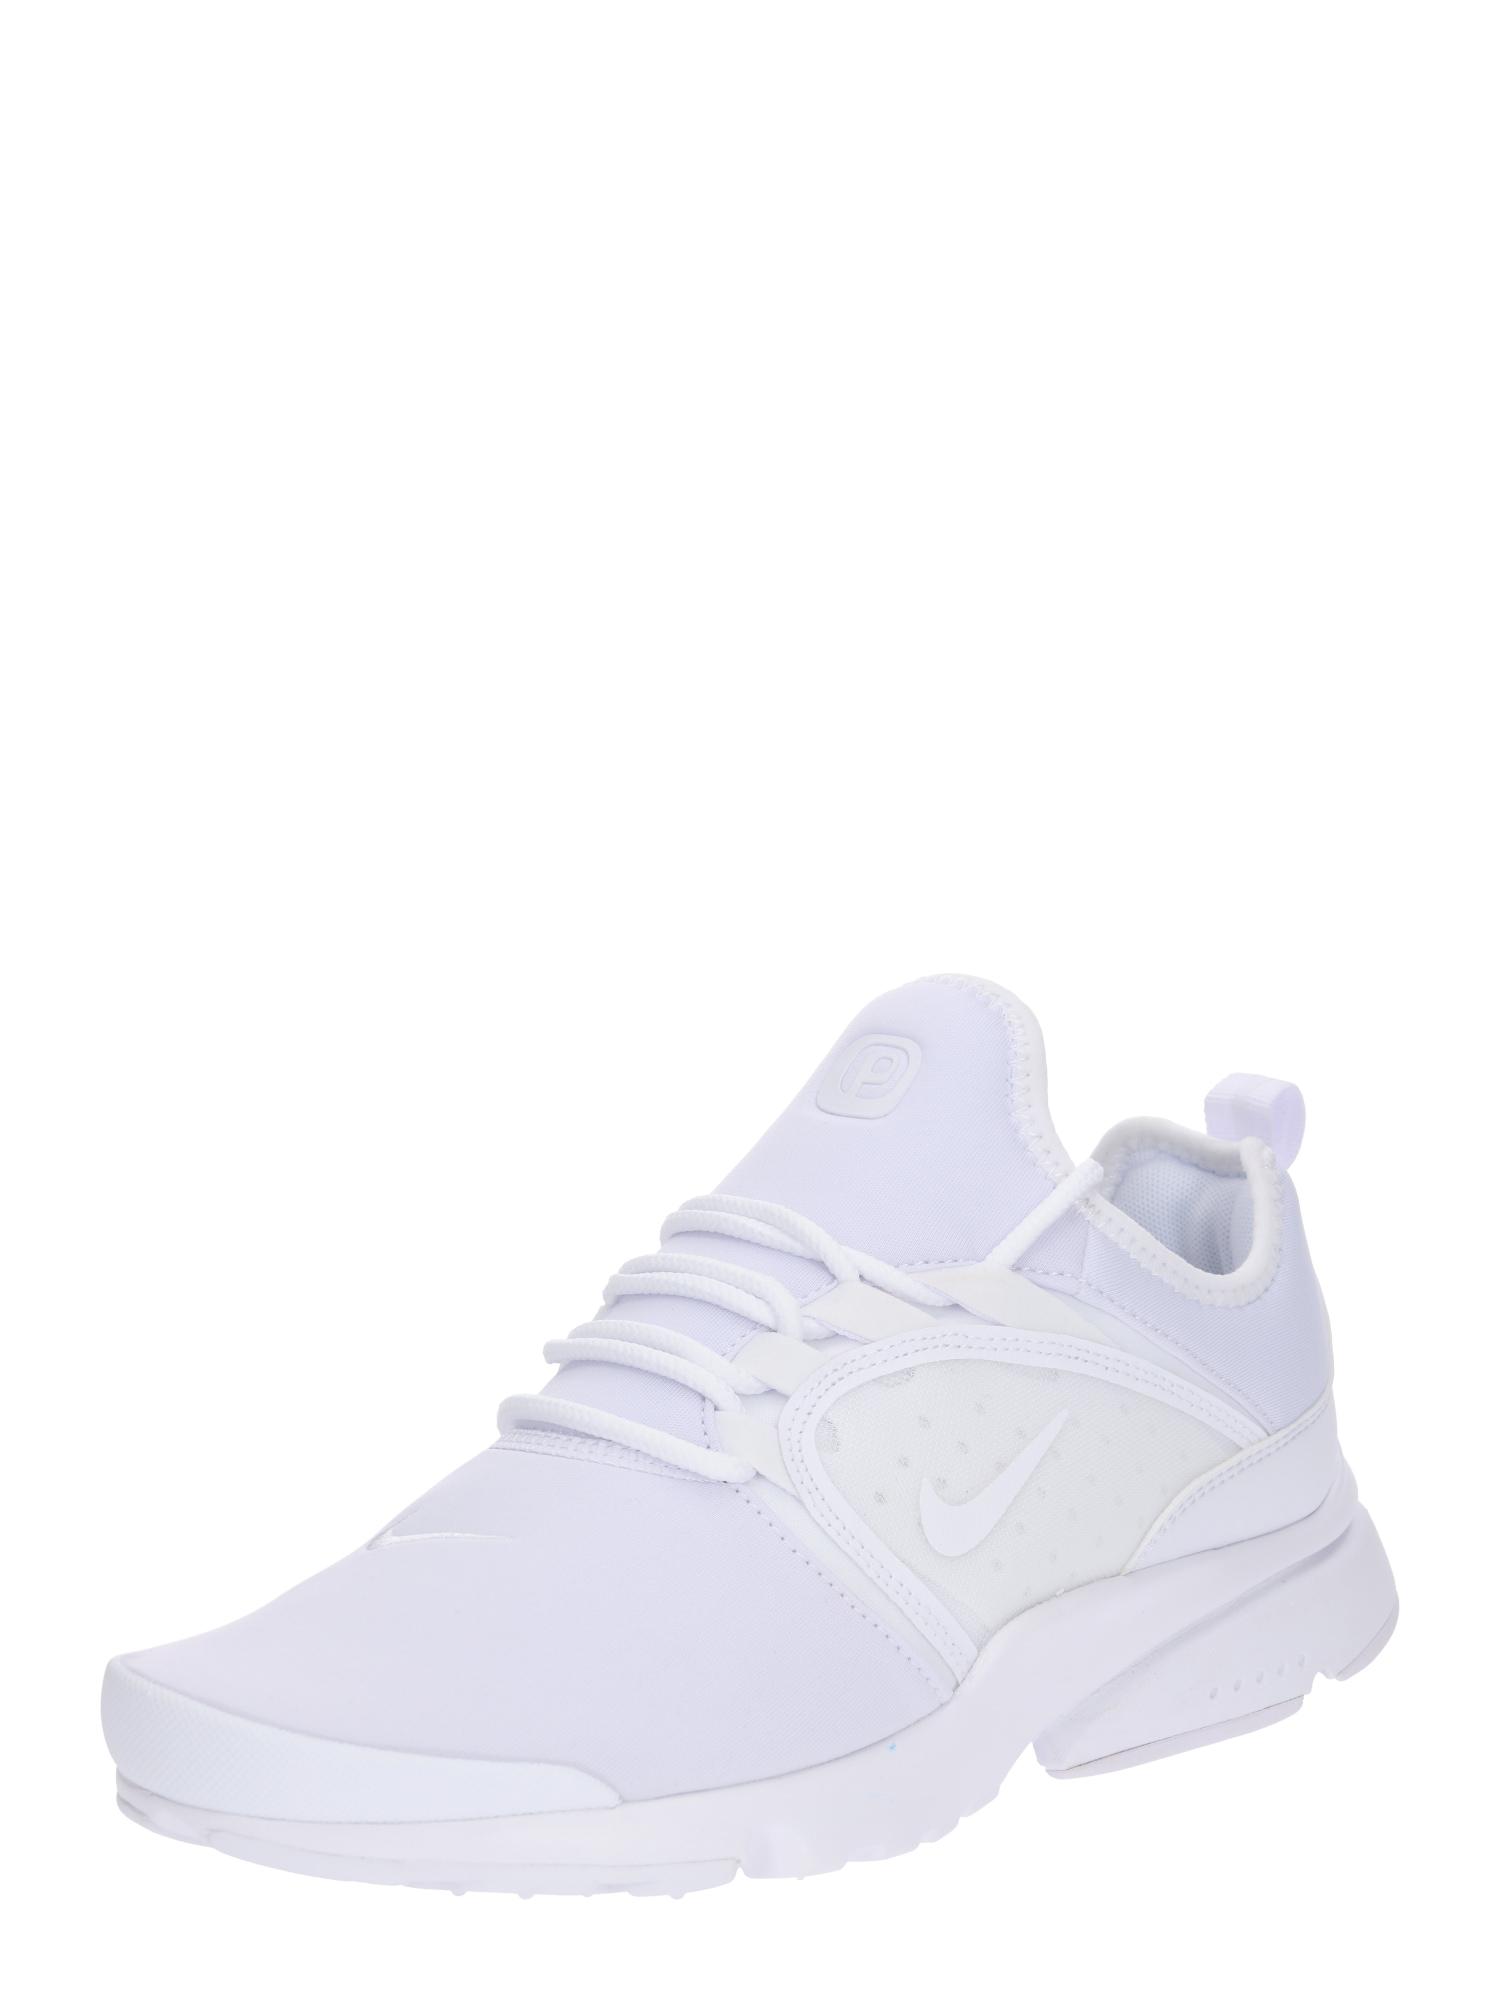 Nike Sportswear, Heren Sneakers laag 'Nike Presto Fly World', wit